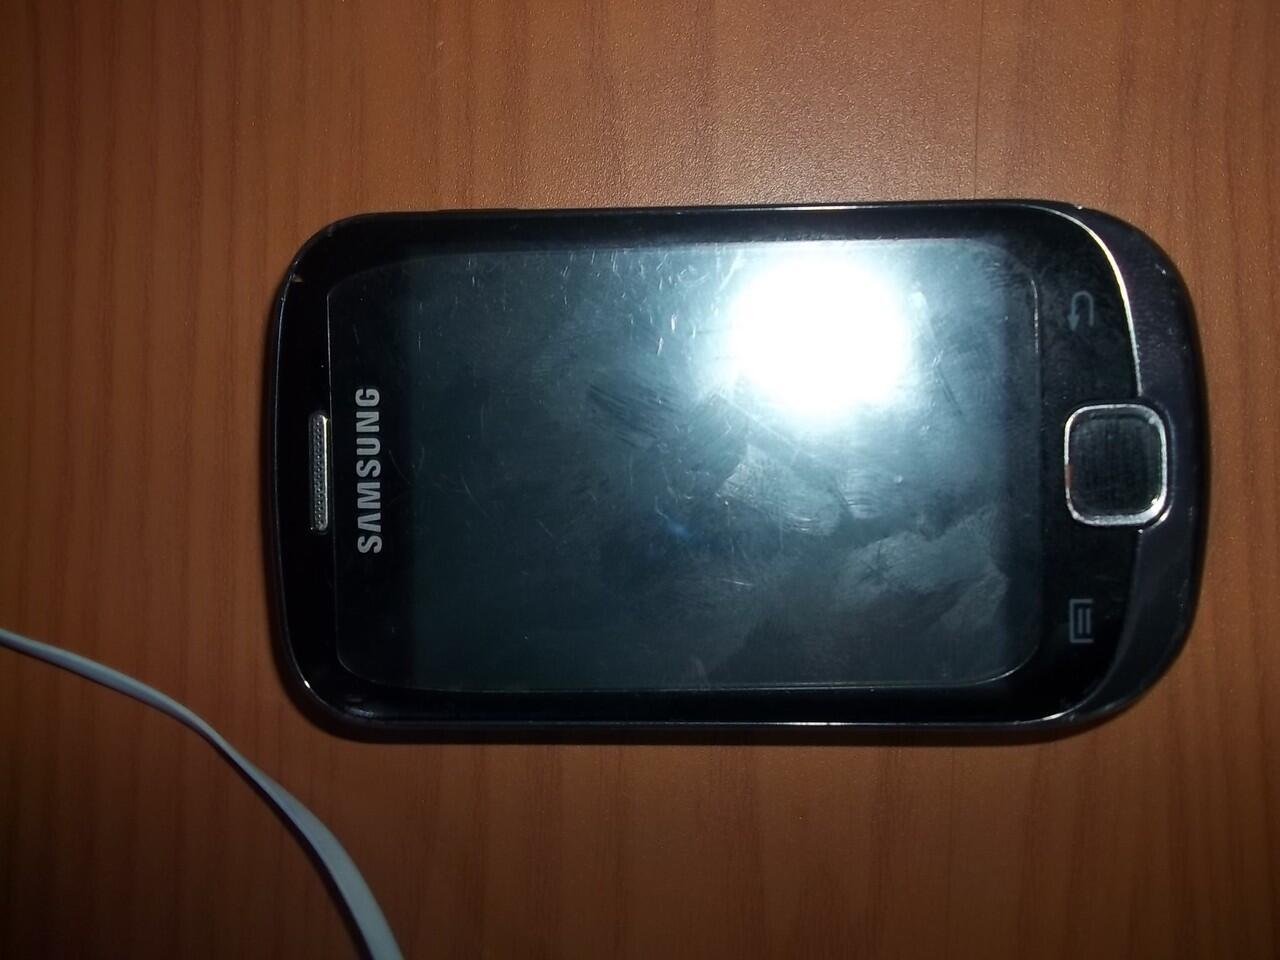 WTS Jual Santai Samsung Galaxy Fit Solo (apa adanya)